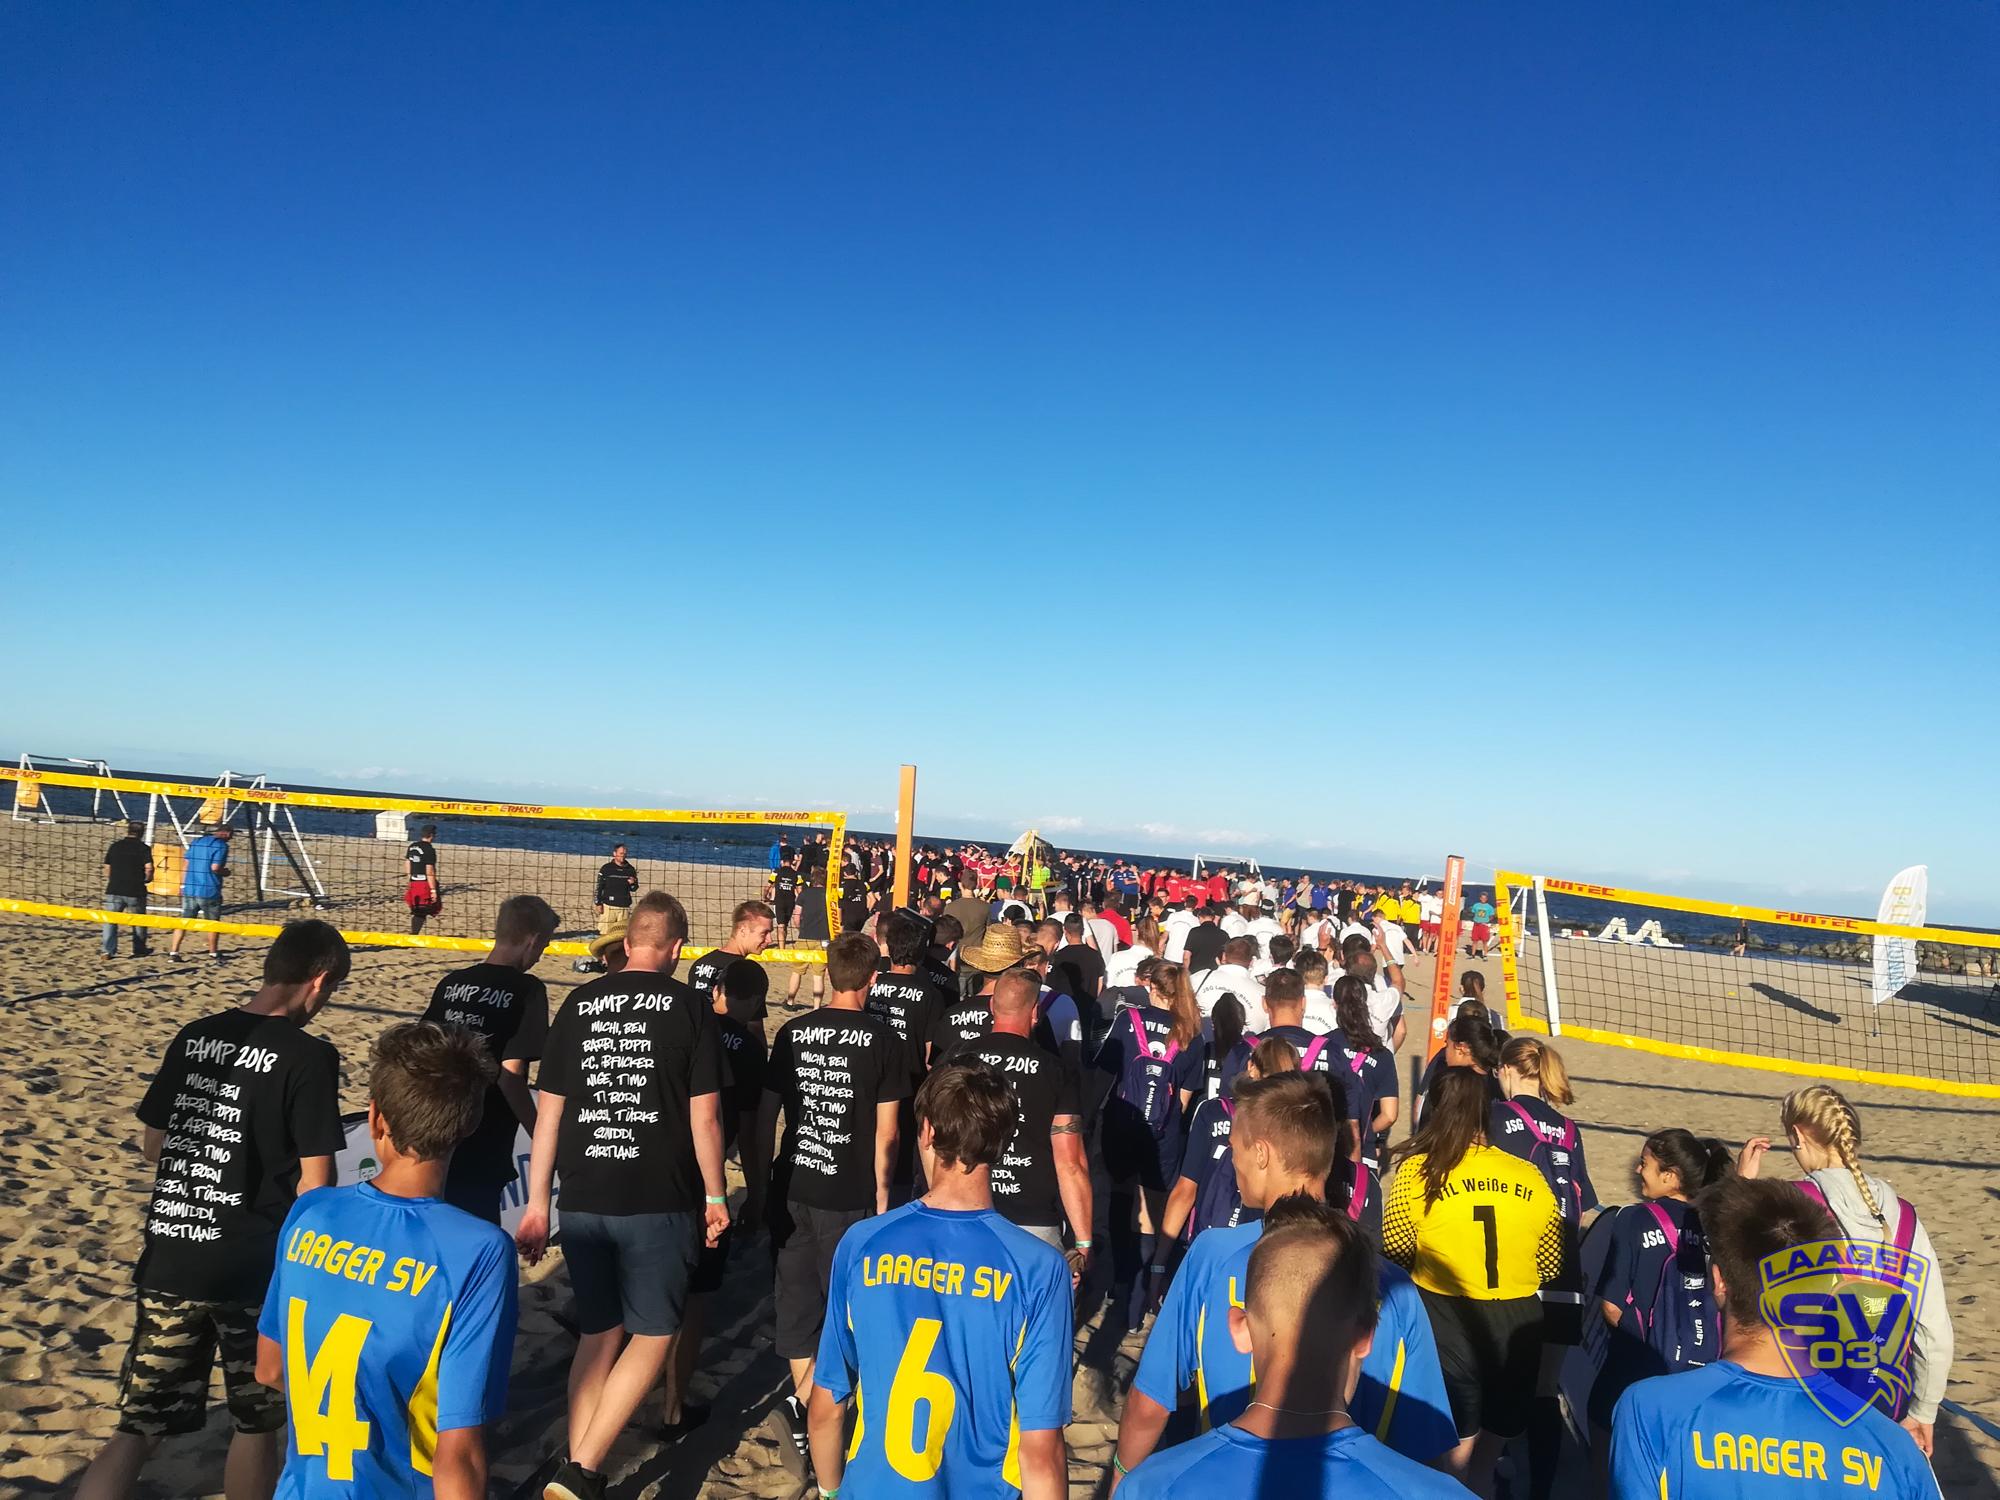 20180629 Laager SV 03 B - Beach-Soccer-Turnier  (16).jpg